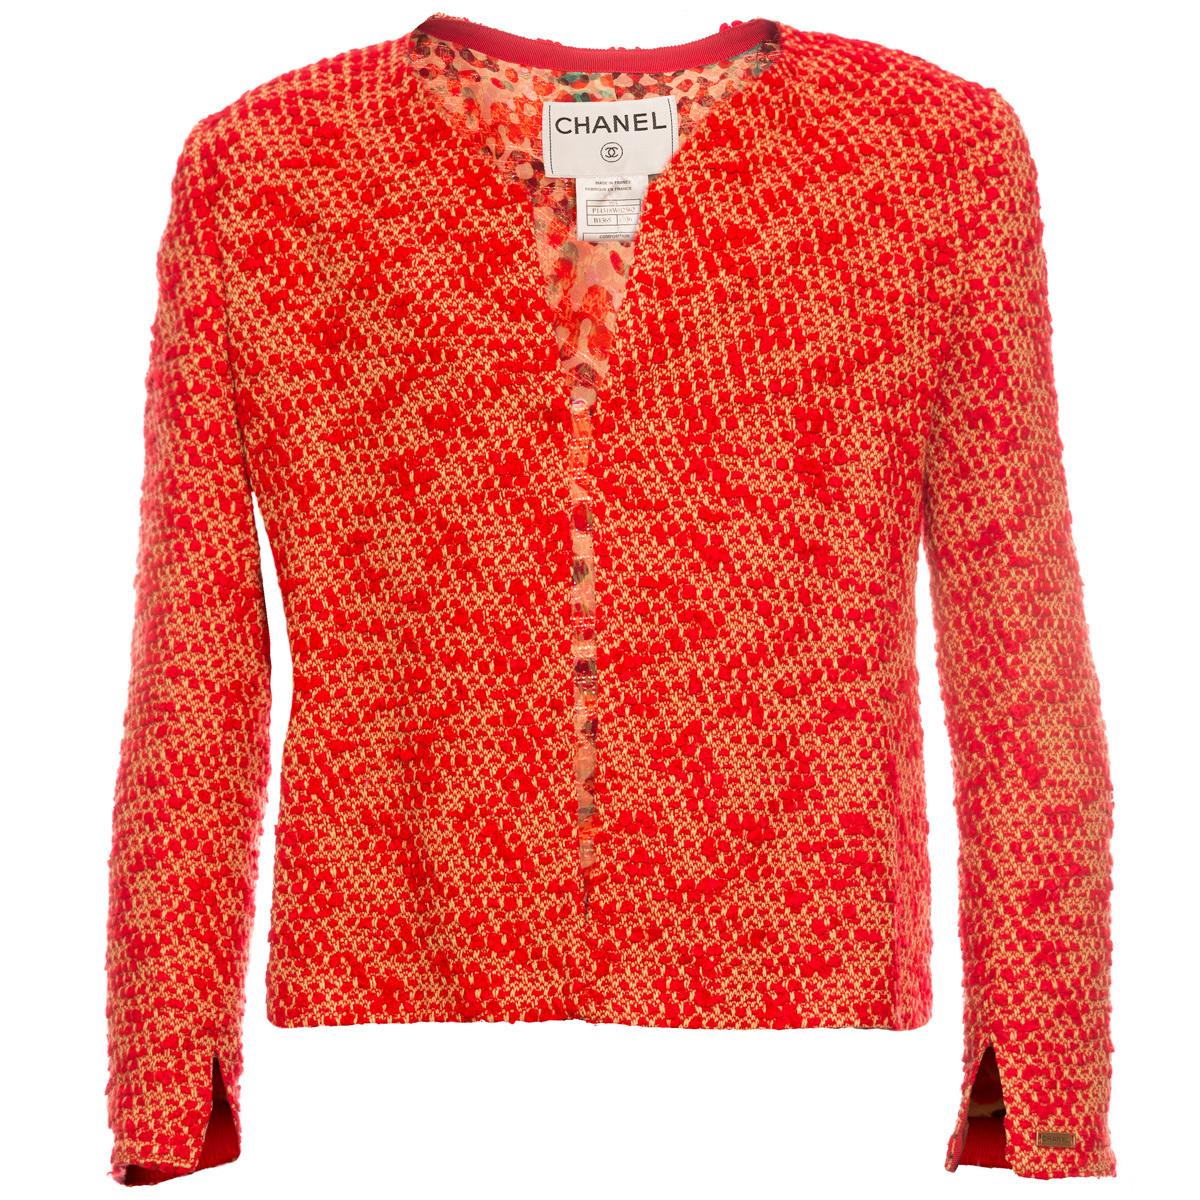 Стильный красный жакет и топ от Chanel, 36 размер